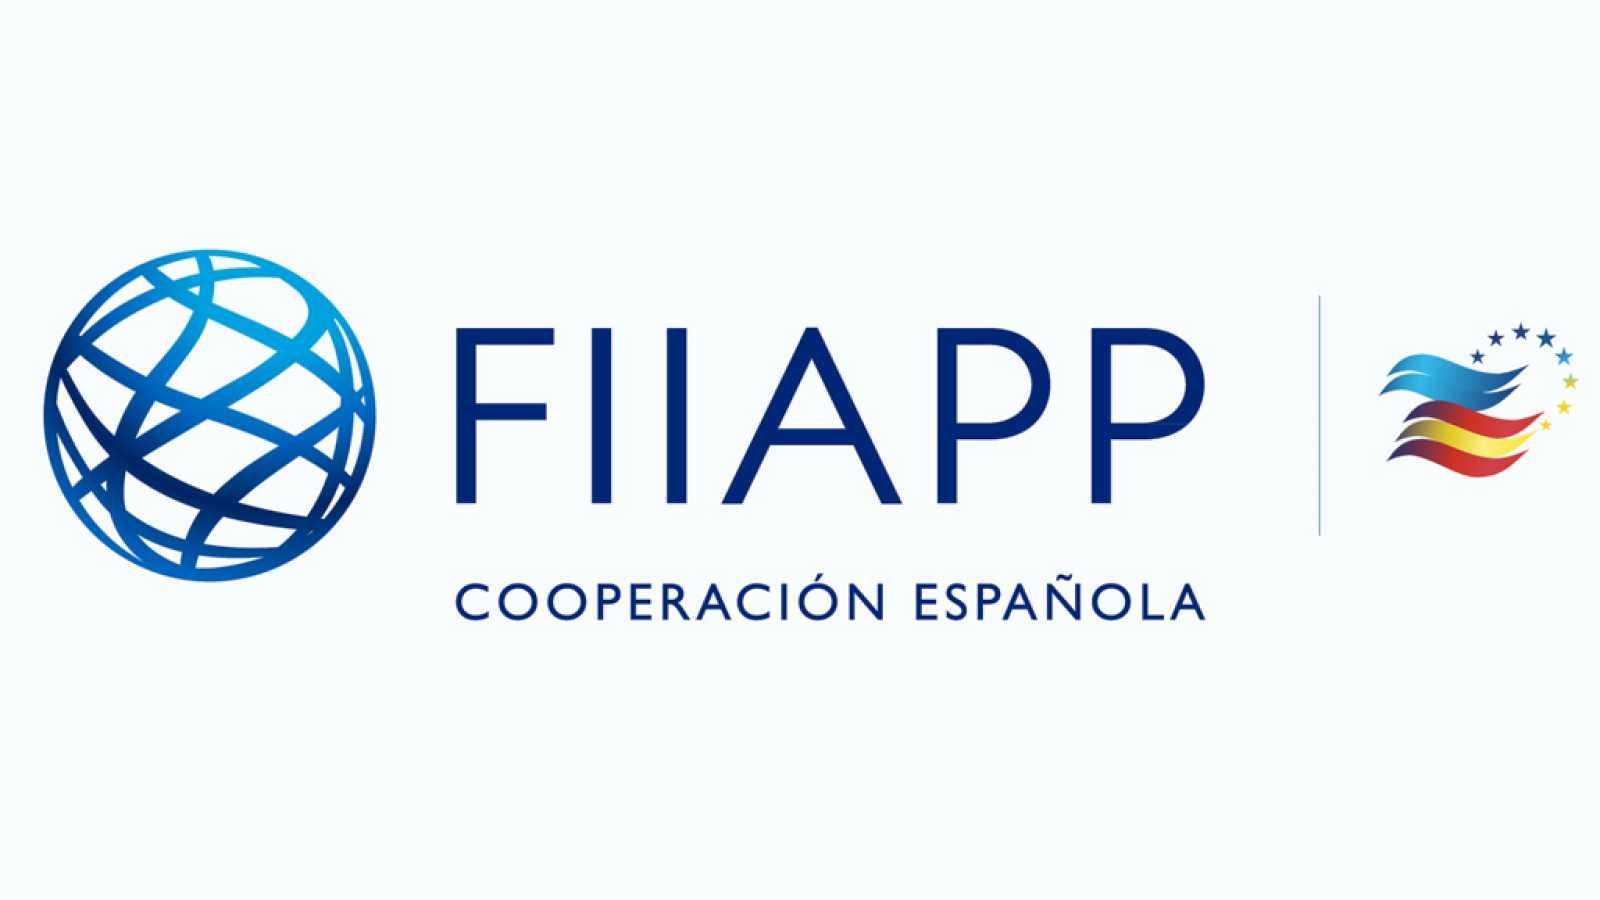 Cooperación pública en el mundo (FIIAPP)  - Día Internacional de Aviación Civil - 09/12/20 - Escuchar ahora